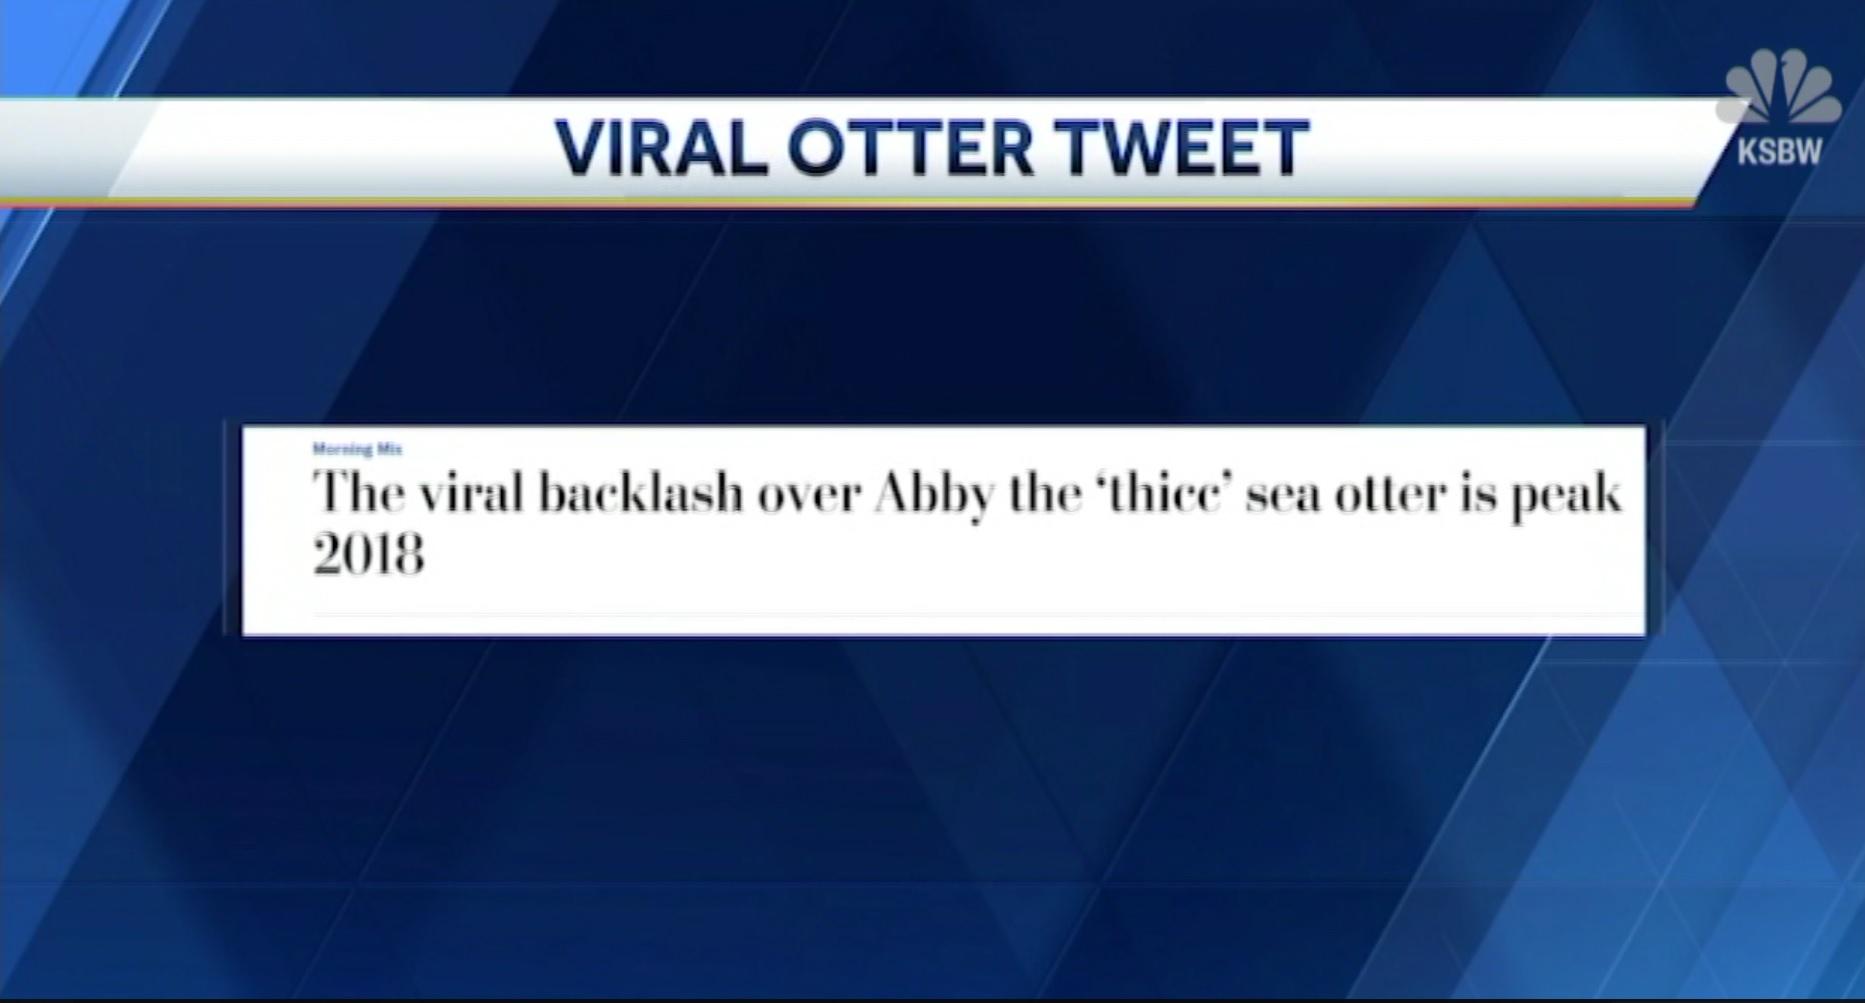 Viral Otter Tweet